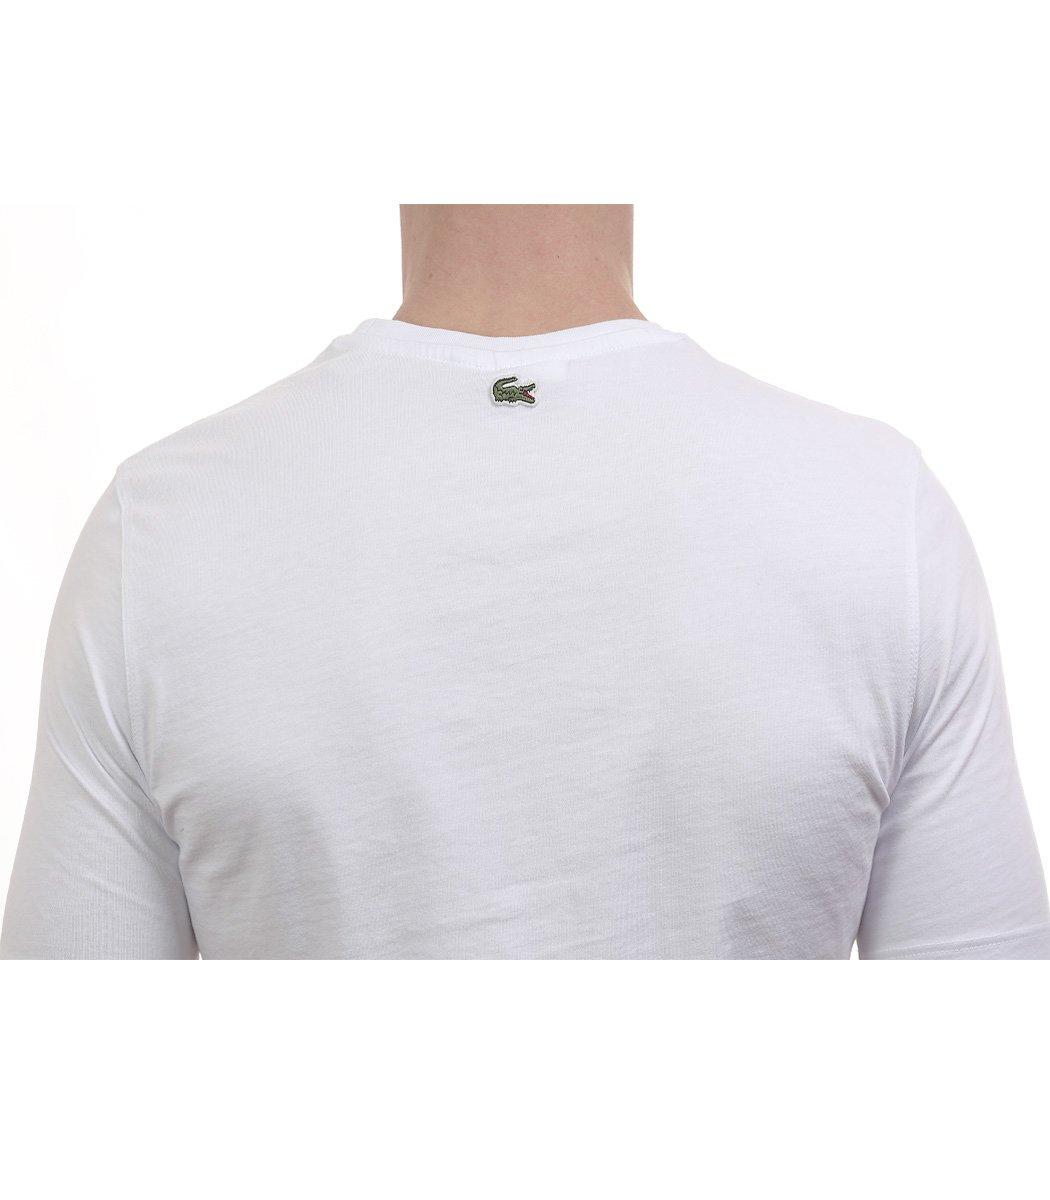 Белая футболка с принтом Lacoste - Белый - Вид 5